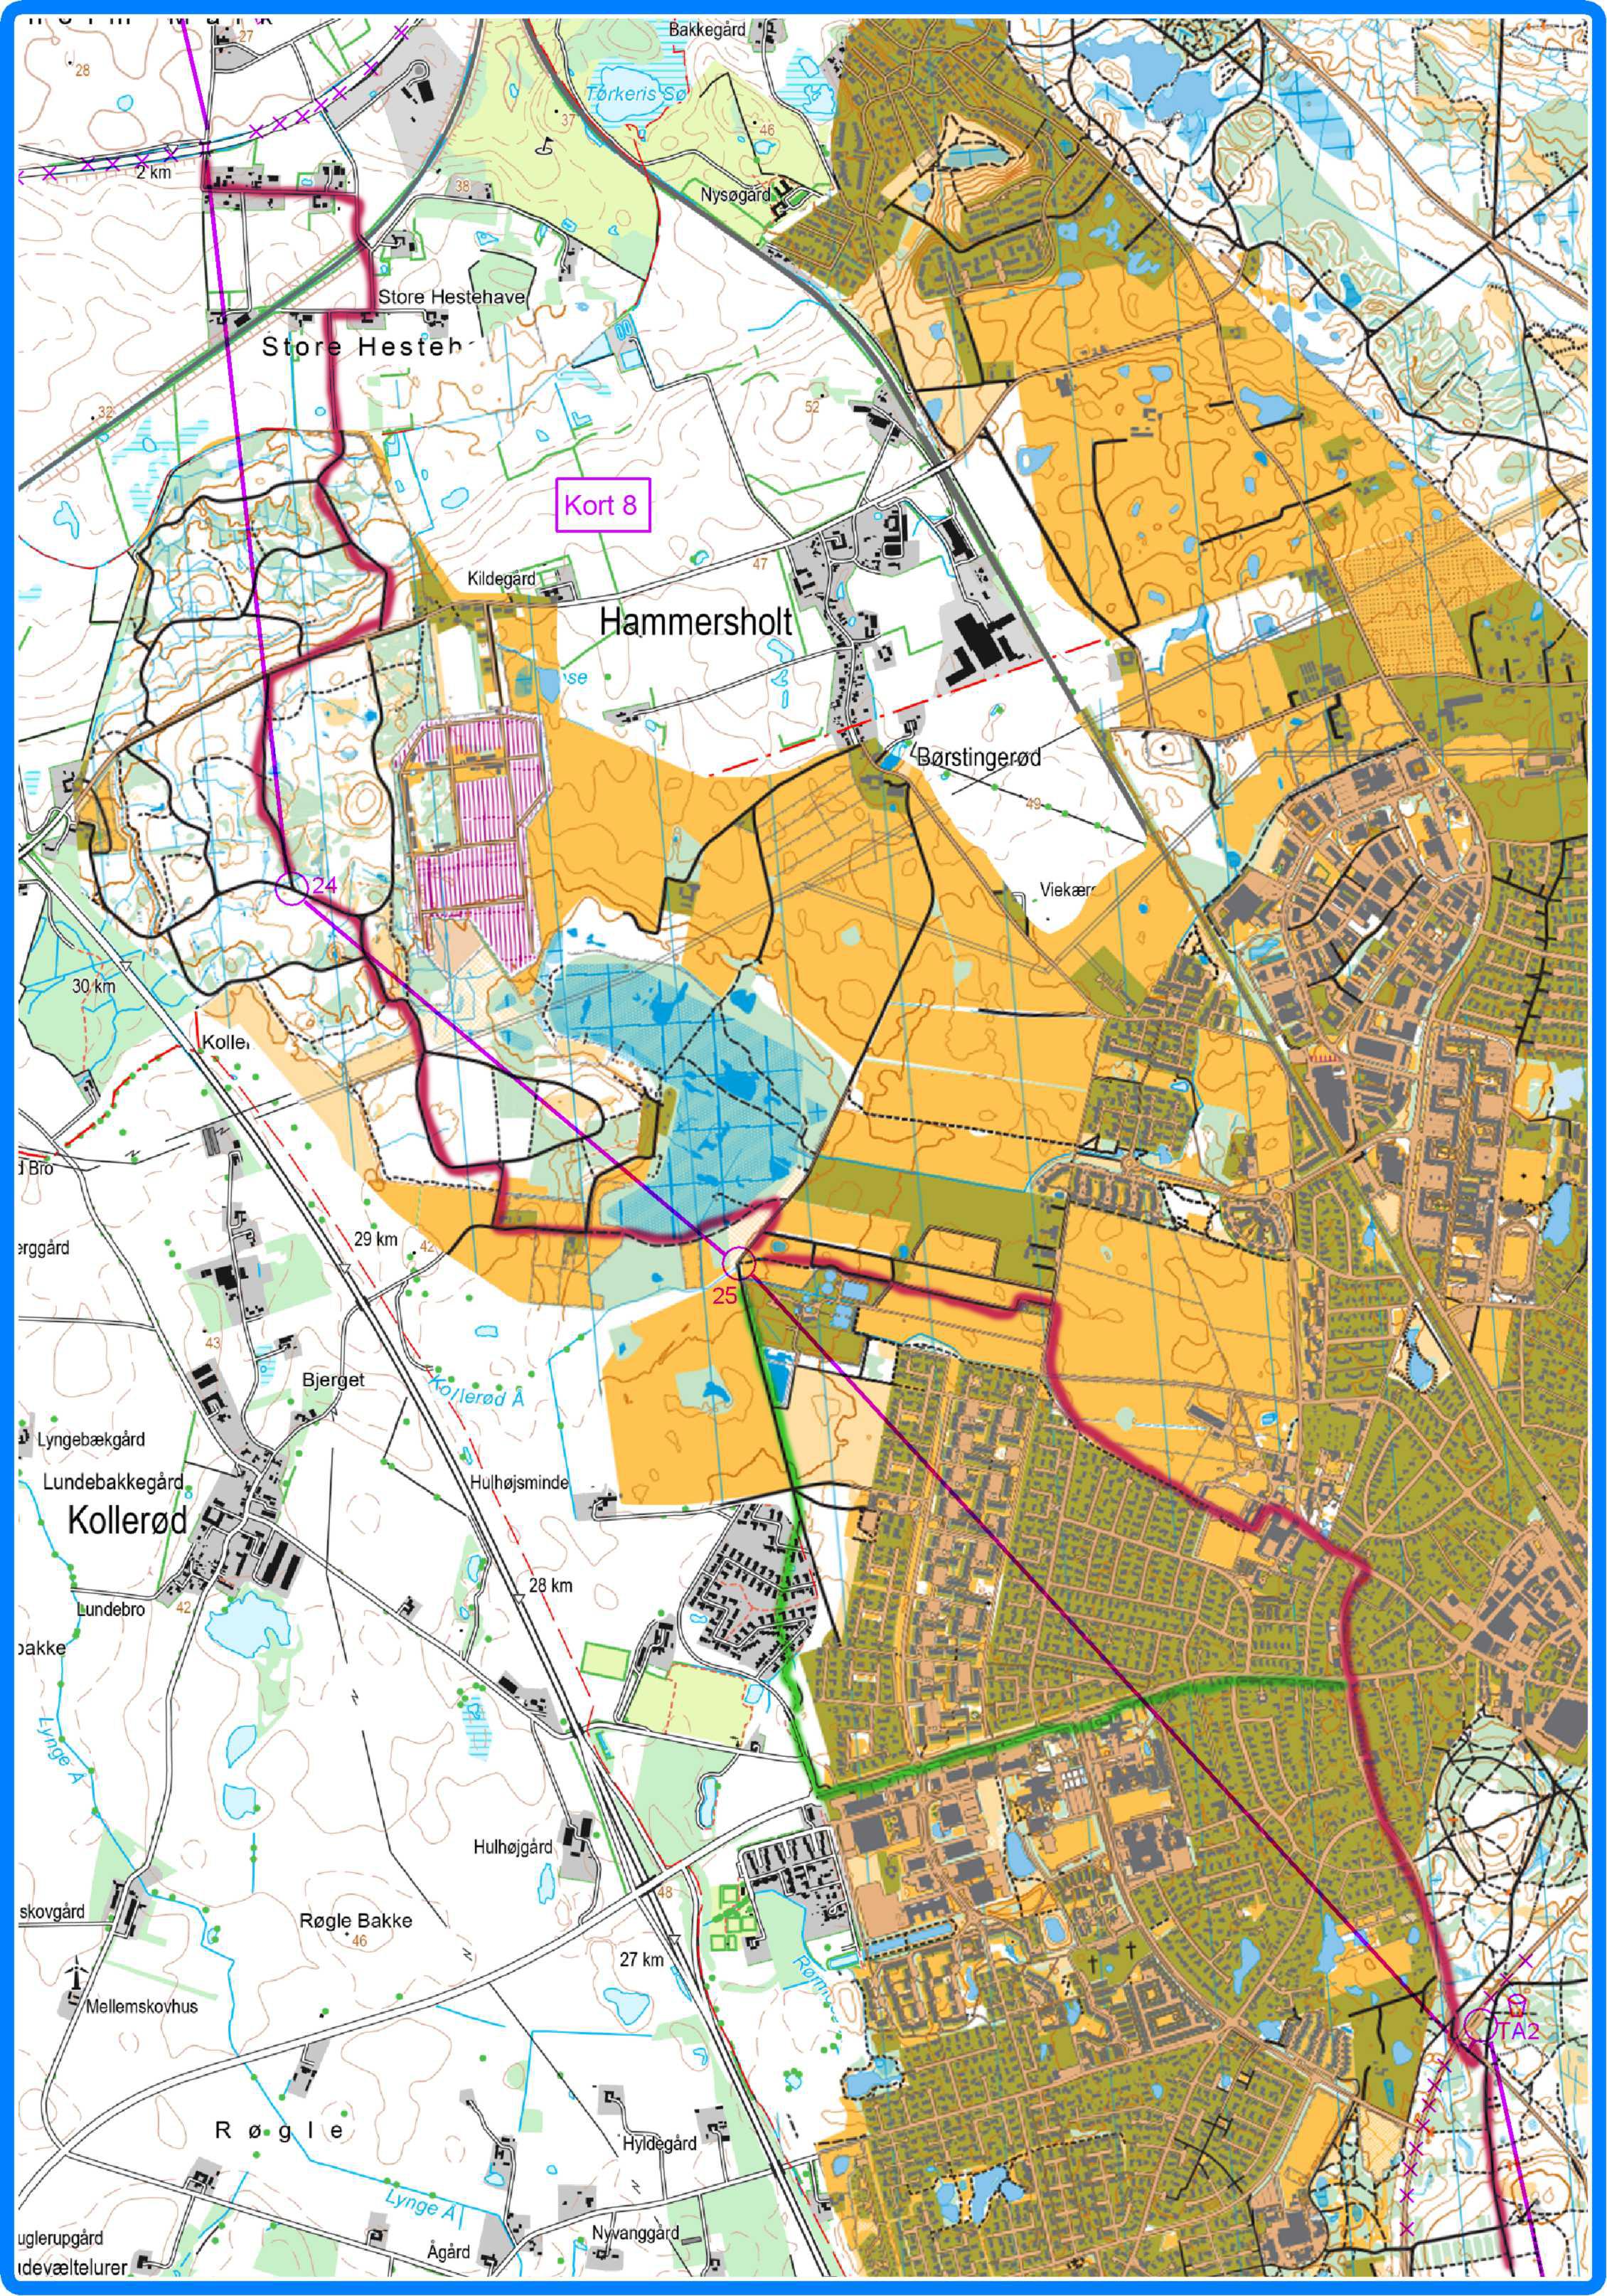 Kort 8 - med vejvalg - rød er planlagt - grøn er reelt vejvalg hvor det afviger